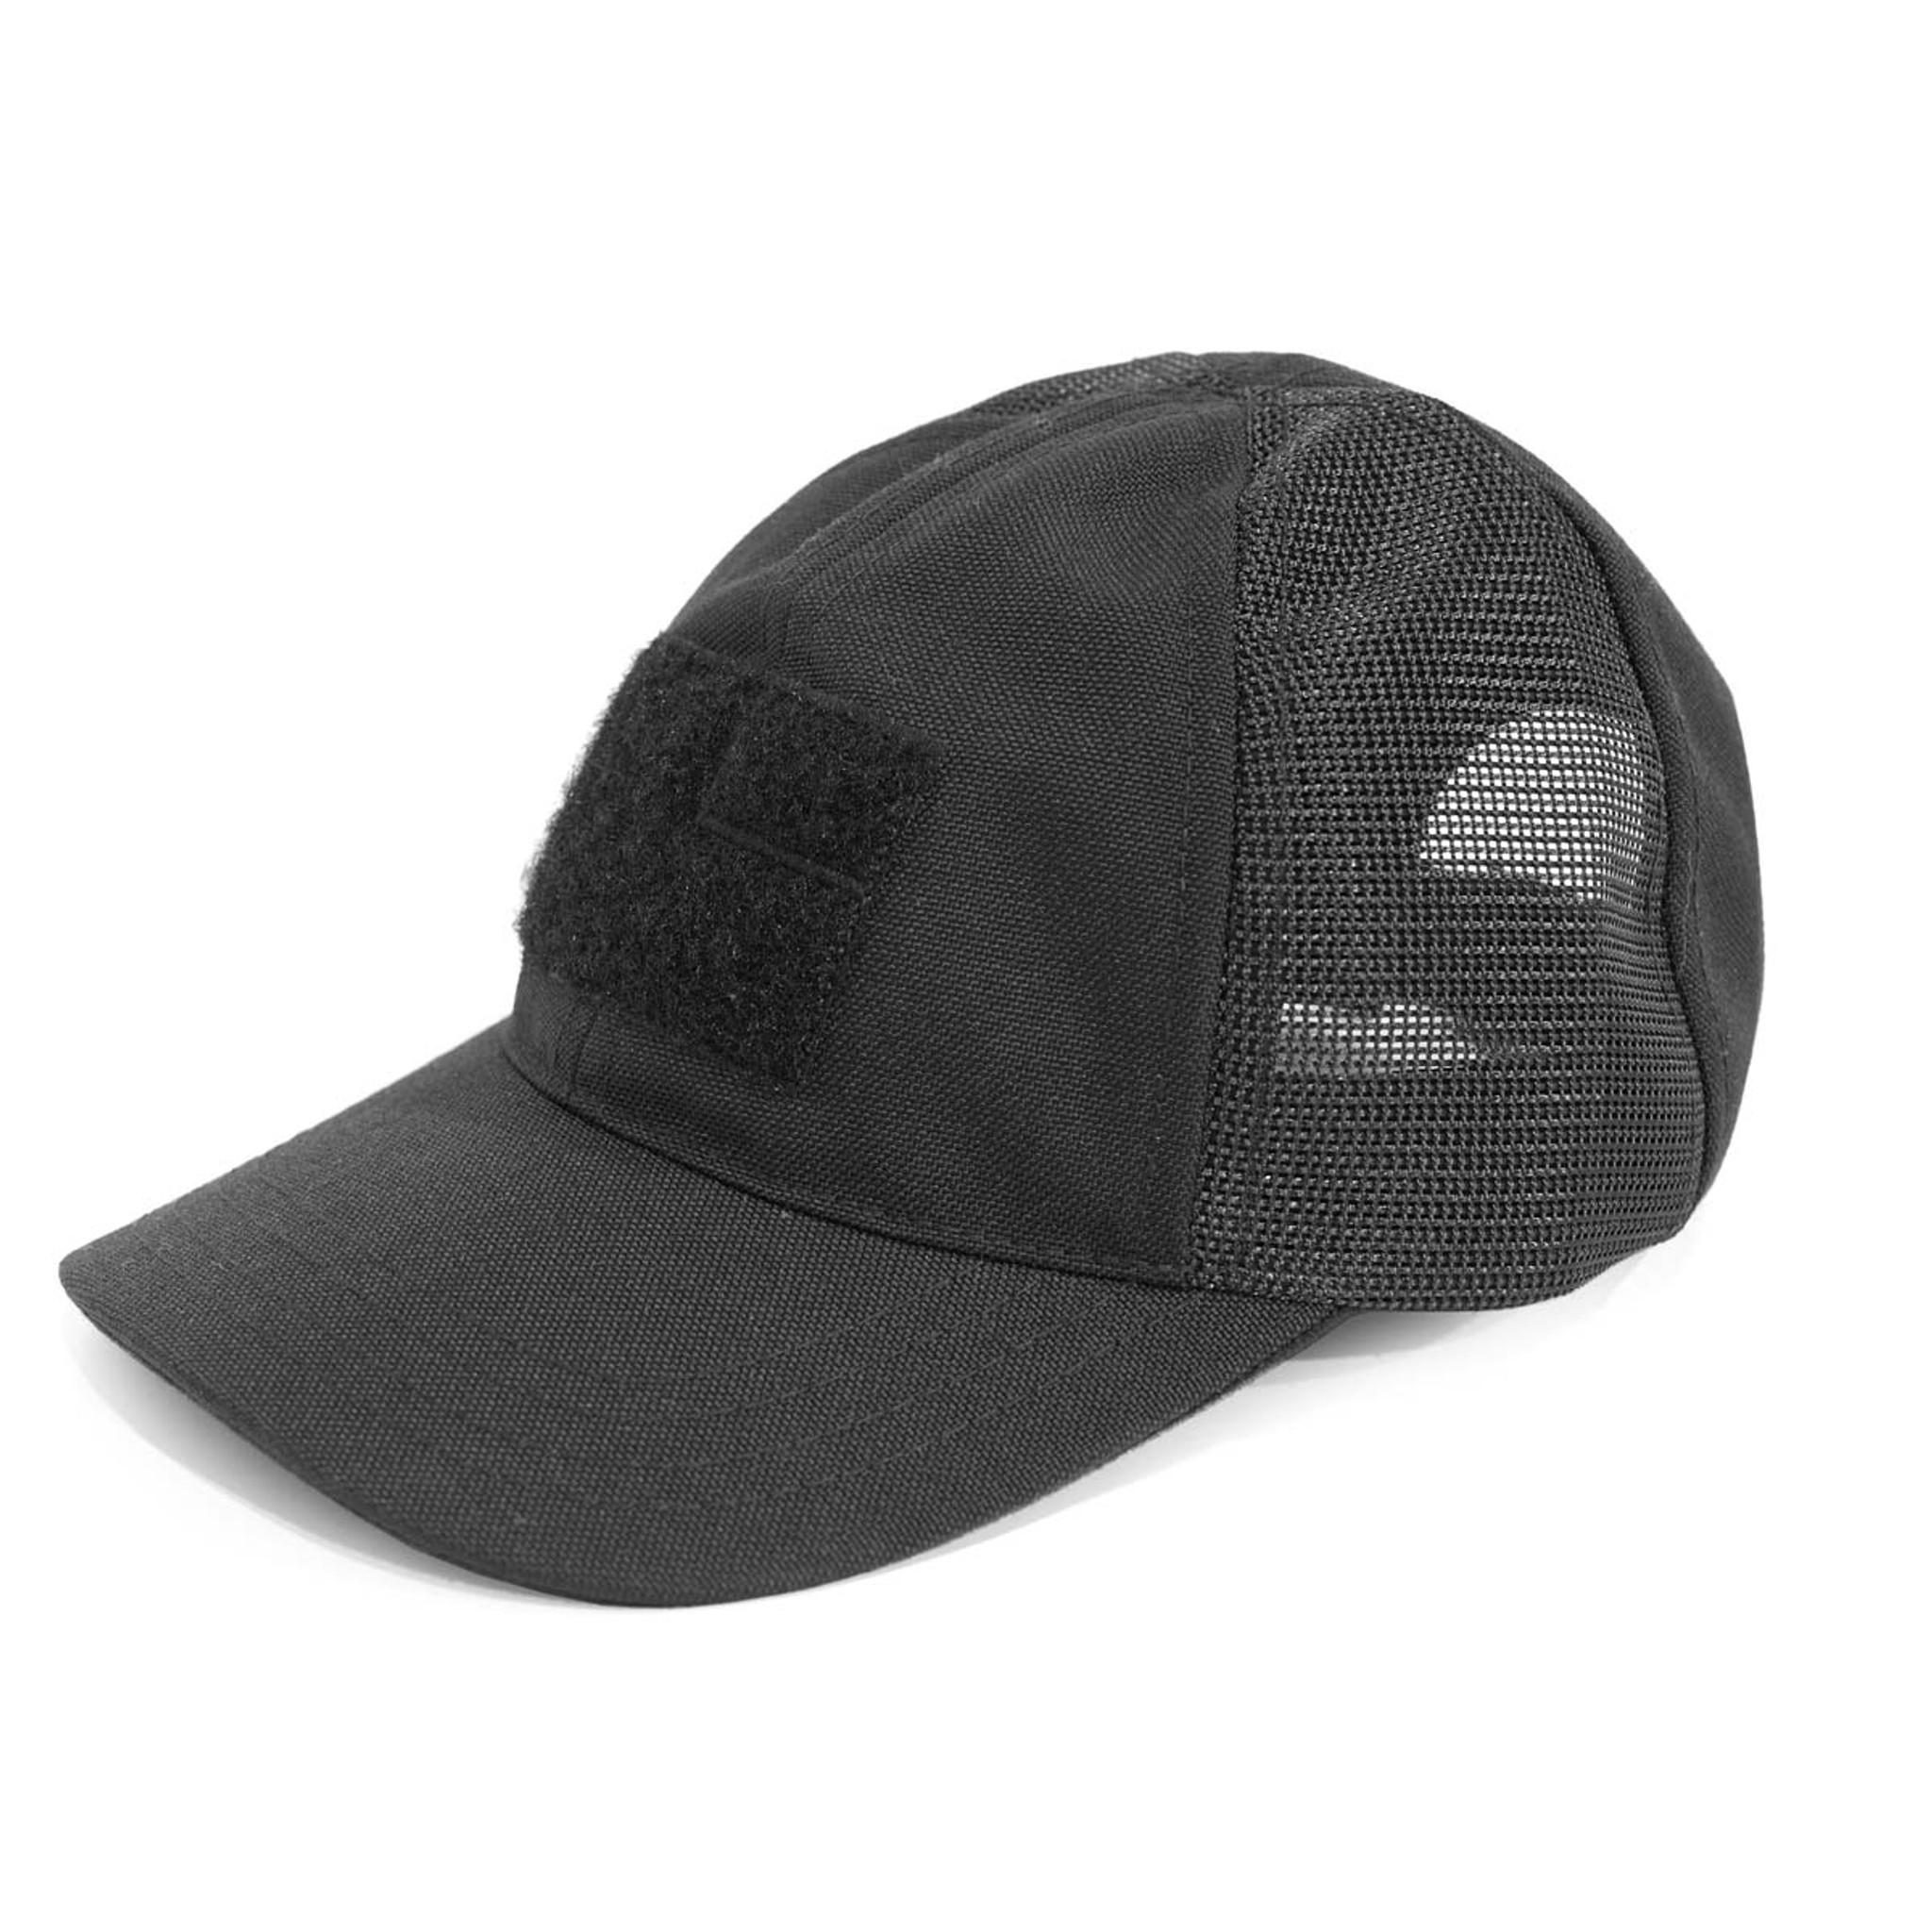 c20b78ee4e1fc TAC Hat - Mesh